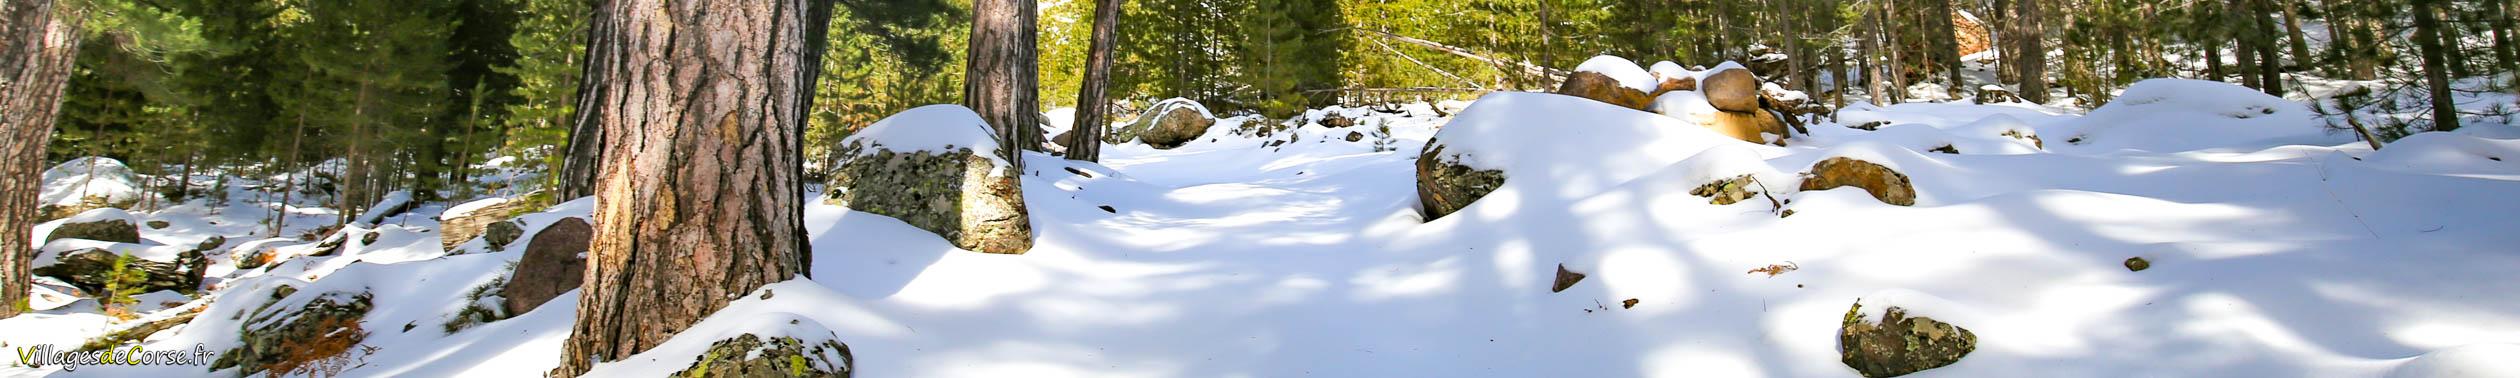 neige monte d oro vizzavona